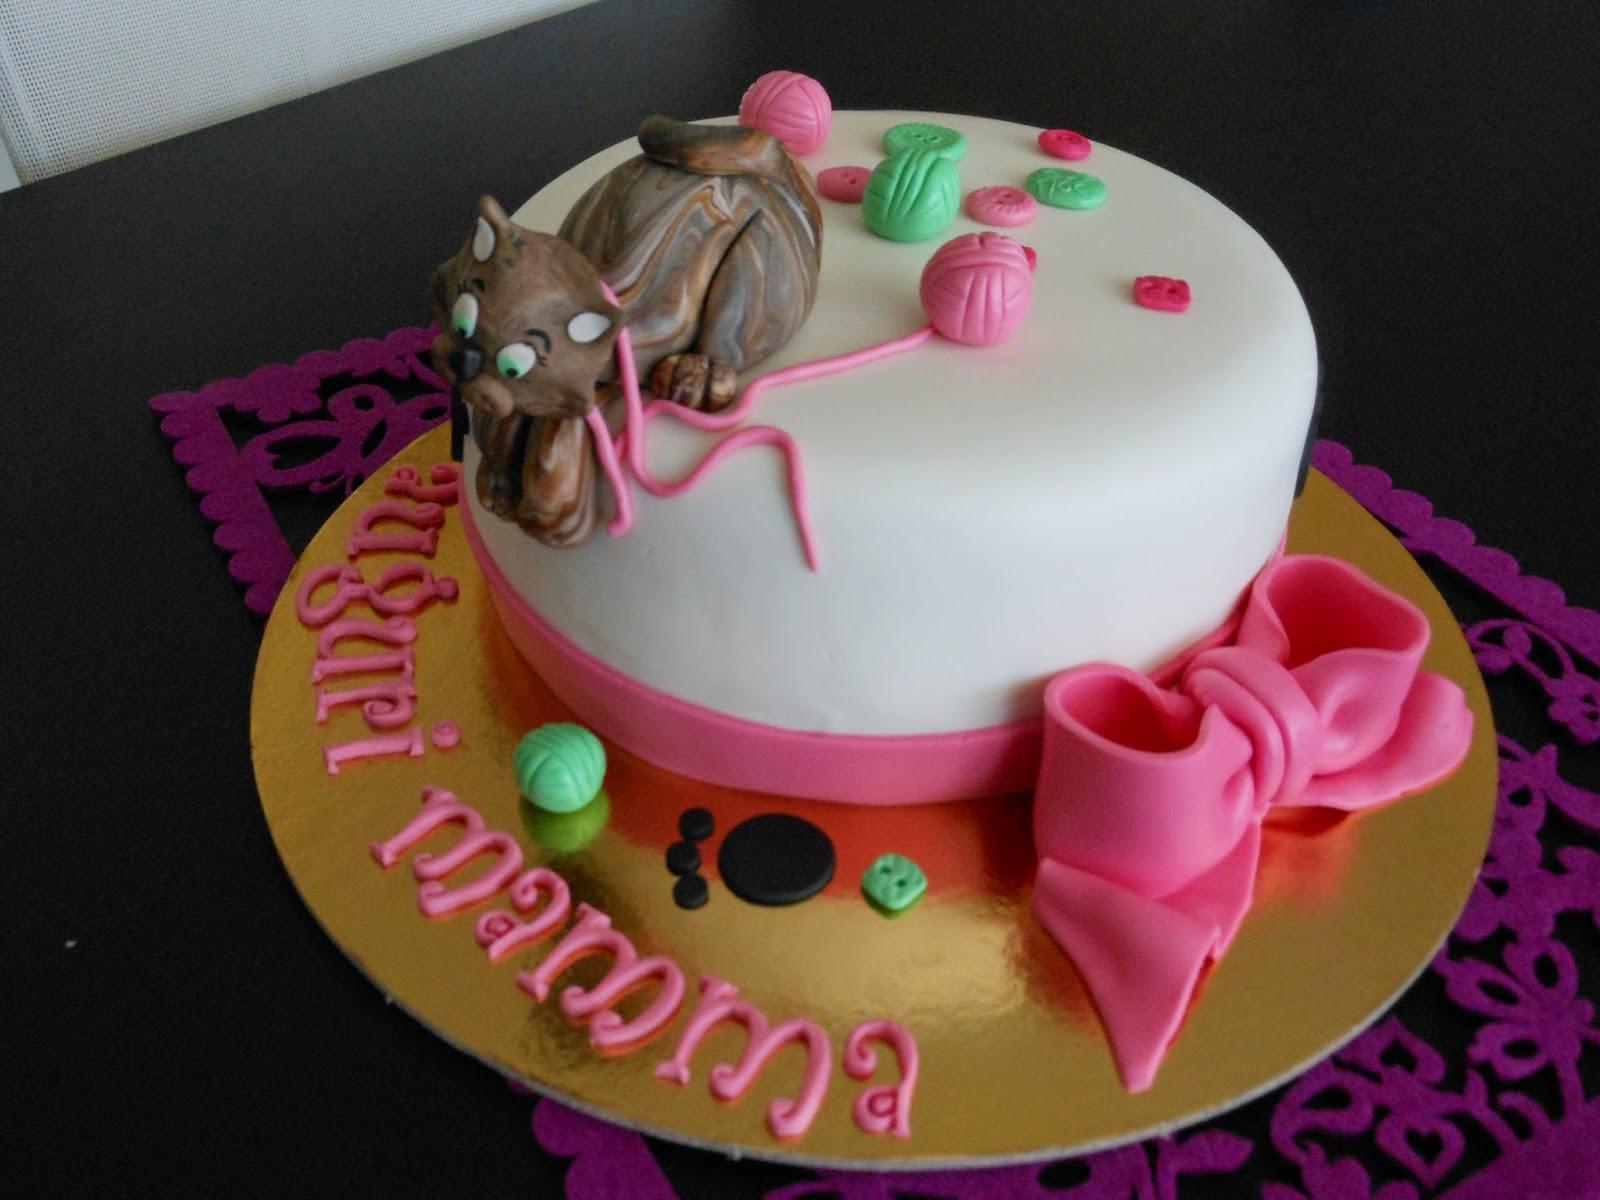 Preferenza Dolci Spignatti: Auguri Mamma!! Buon Compleanno! CT57